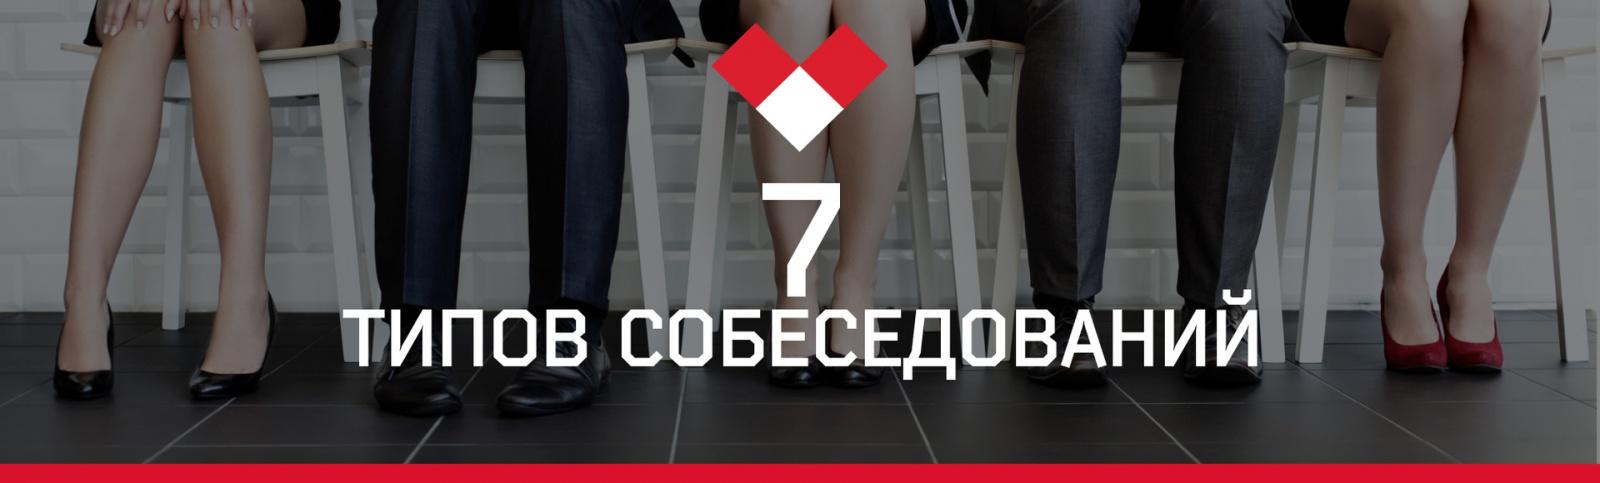 7 типов собеседований - 1